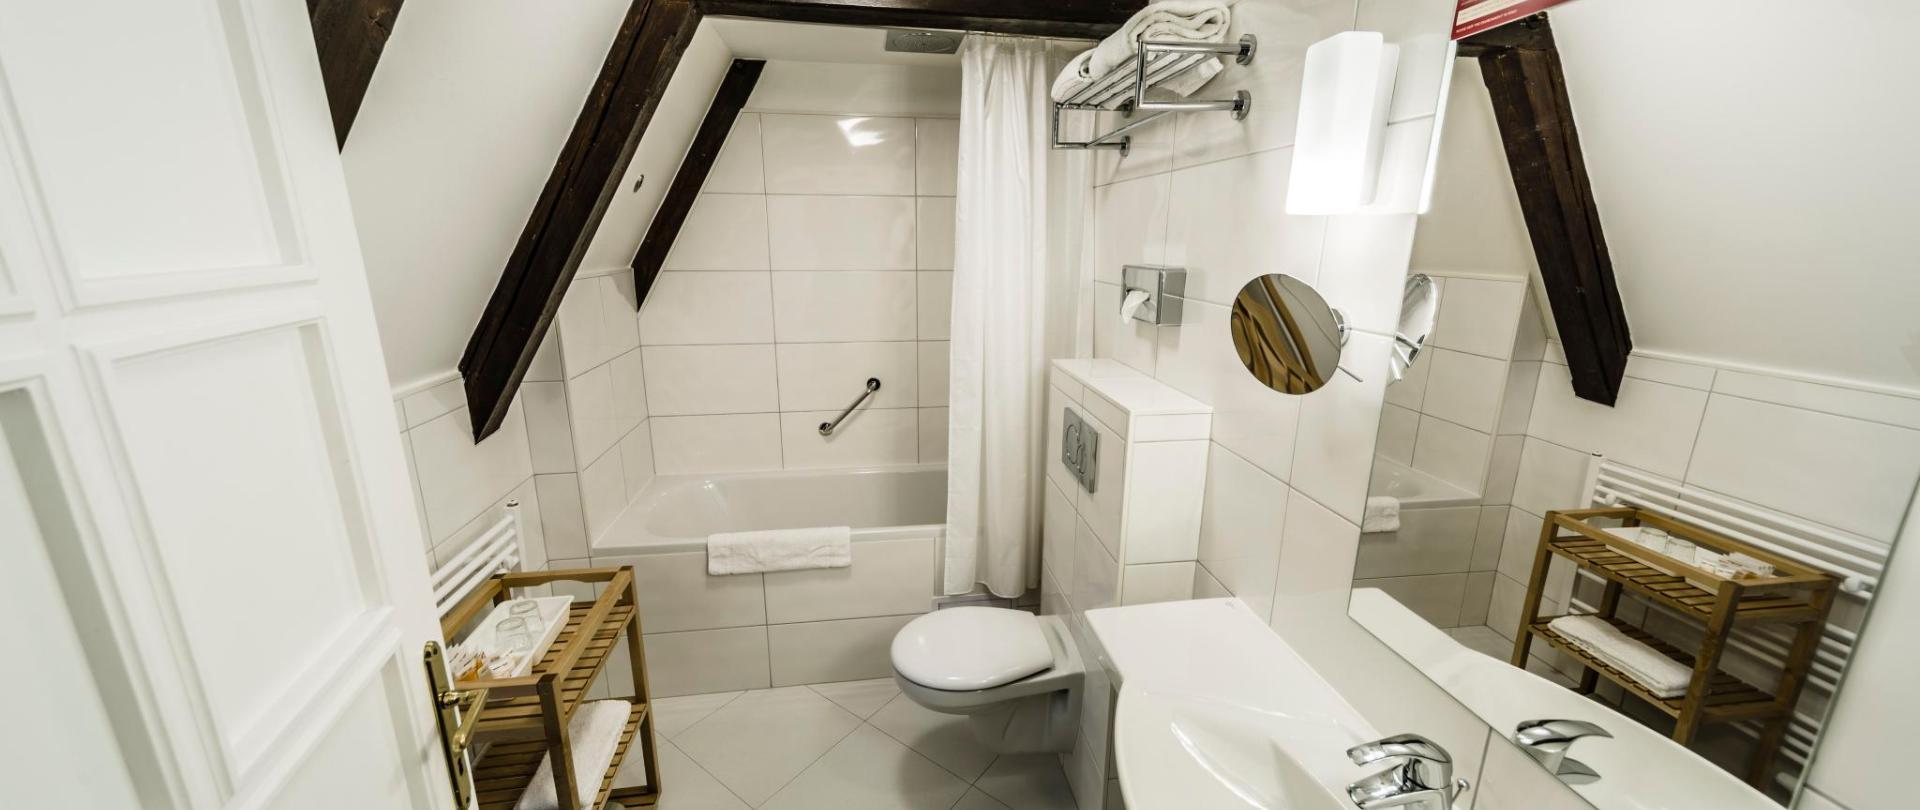 Dvoulůžkový pokoj s výhledem na řeku_koupelna_2.jpg